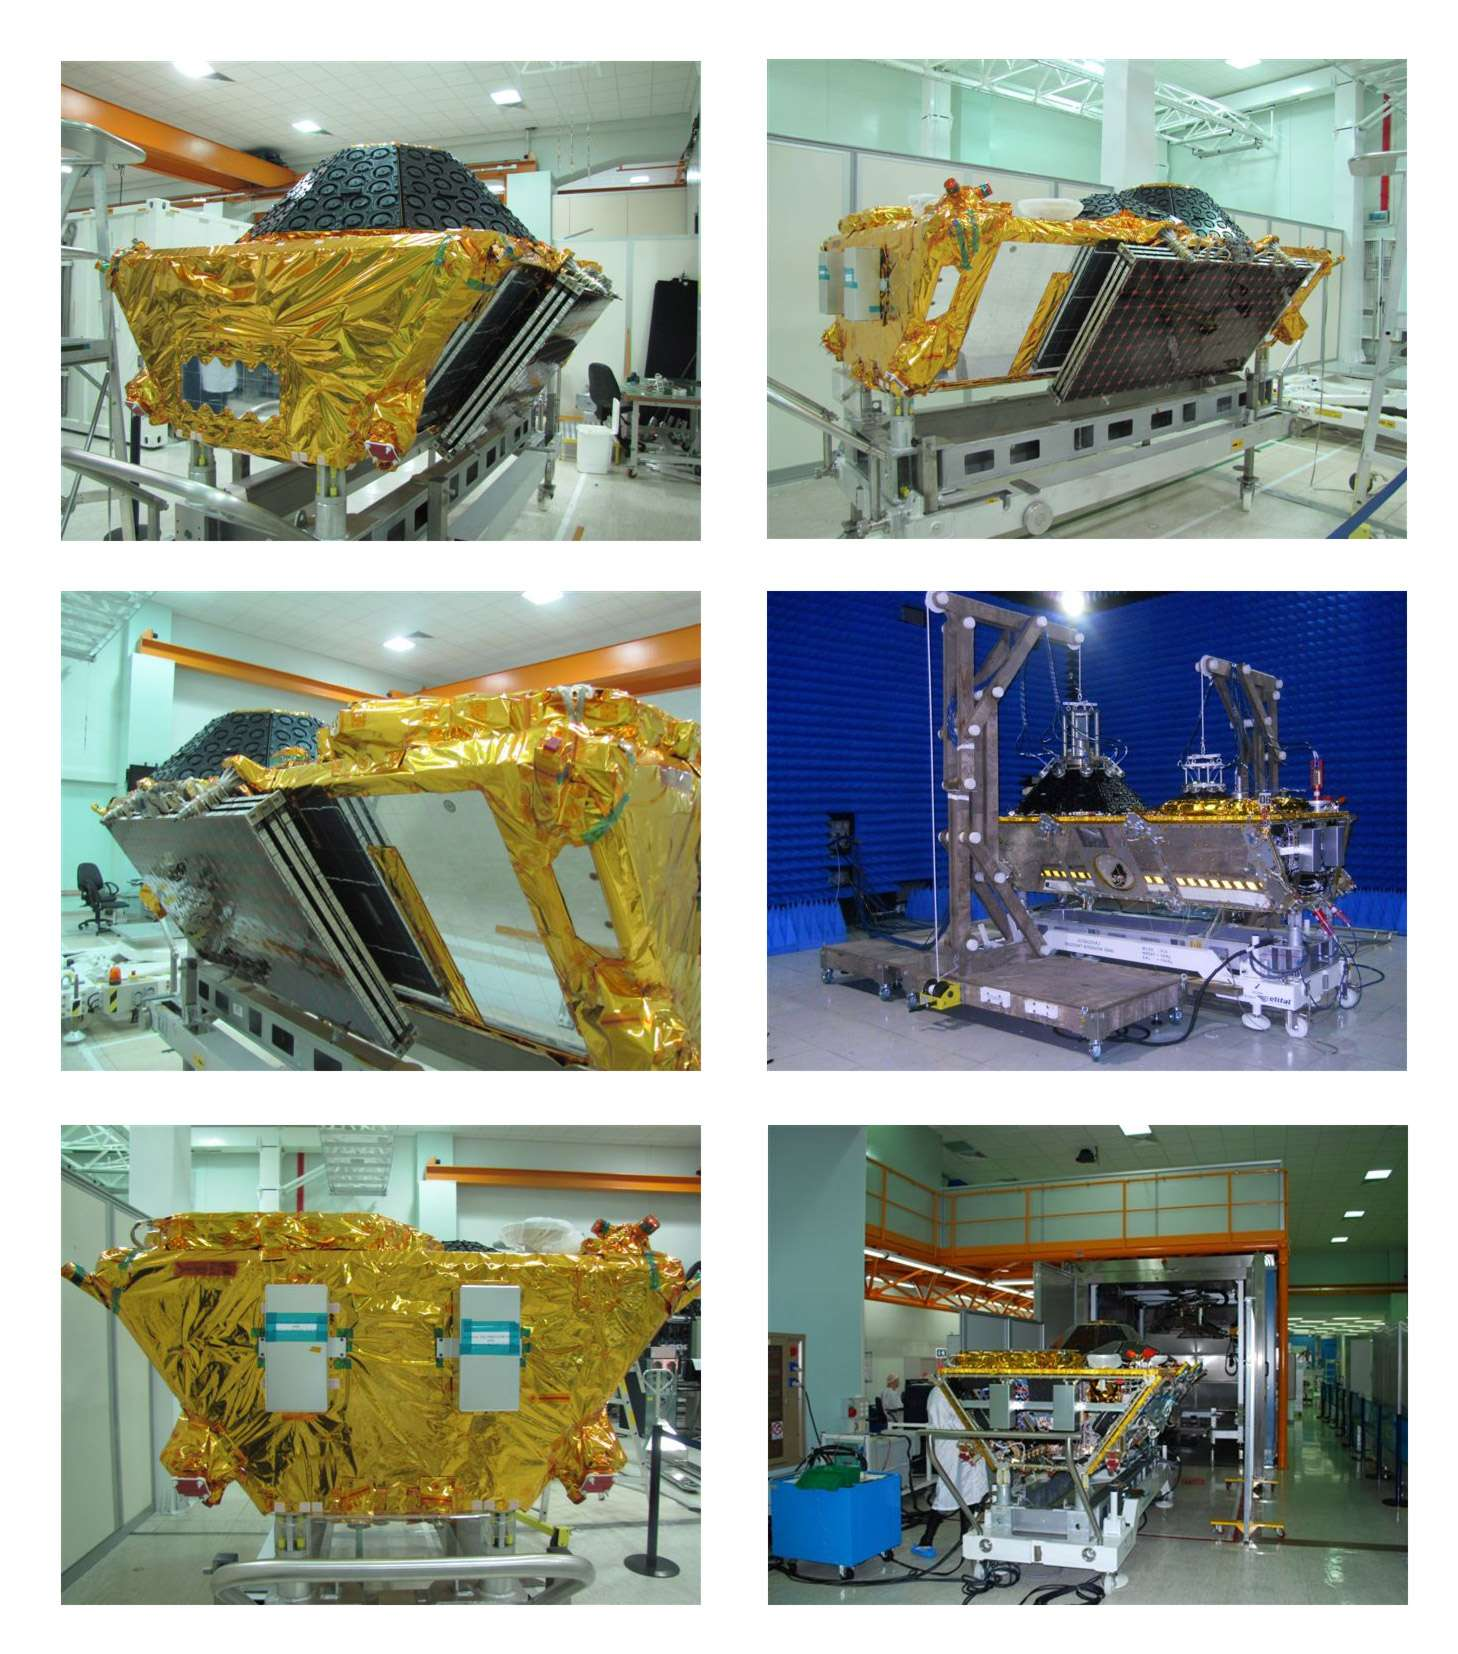 Les premiers satellites de la constellation de seconde génération Globalstar seront lancés cet automne. Cette nouvelle constellation assurera la continuité de la couverture de Globalstar jusqu'en 2025. Crédit Thales Alenia Space